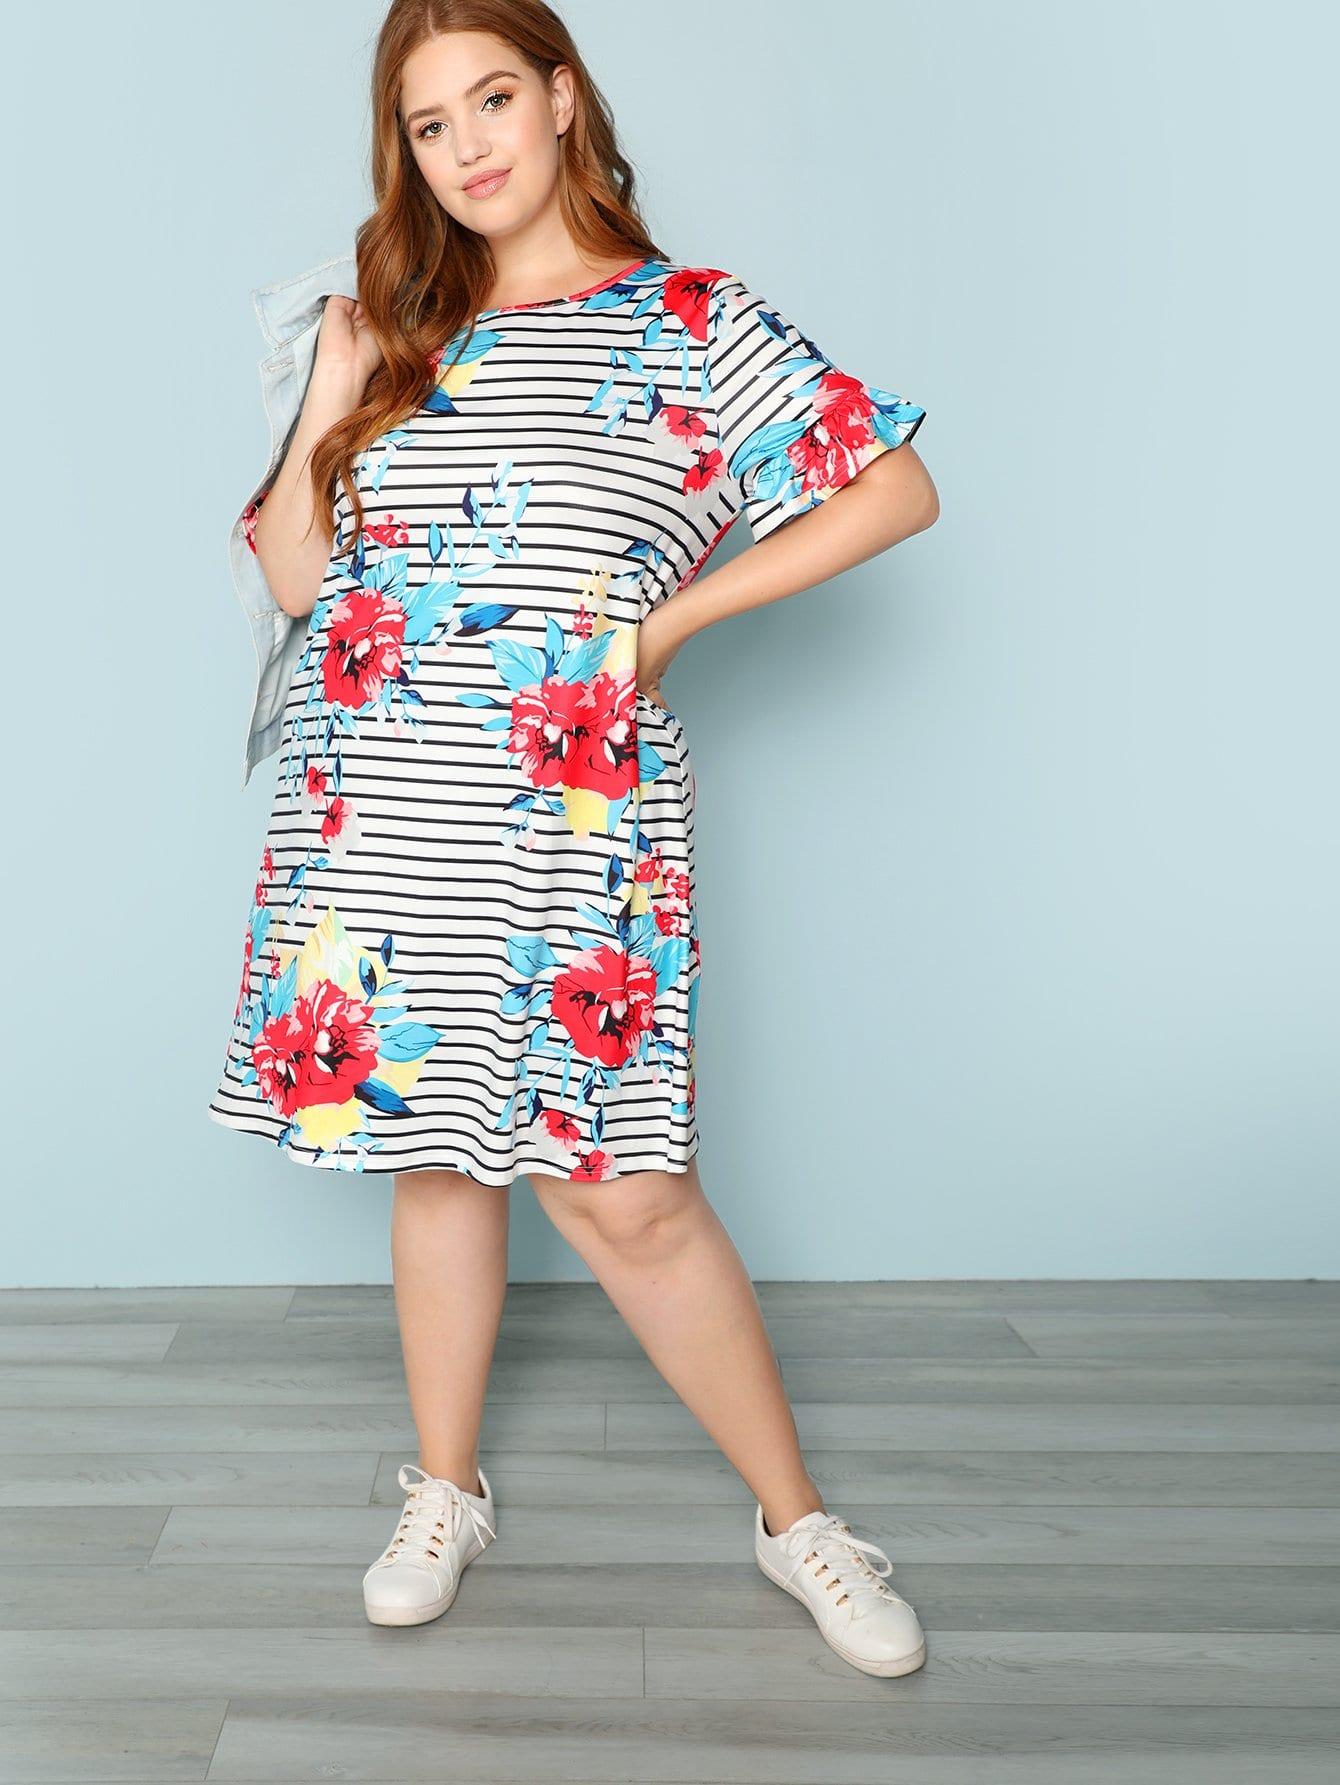 Купить Рубашка с полосой и цветочным платьем, Bree Kish, SheIn